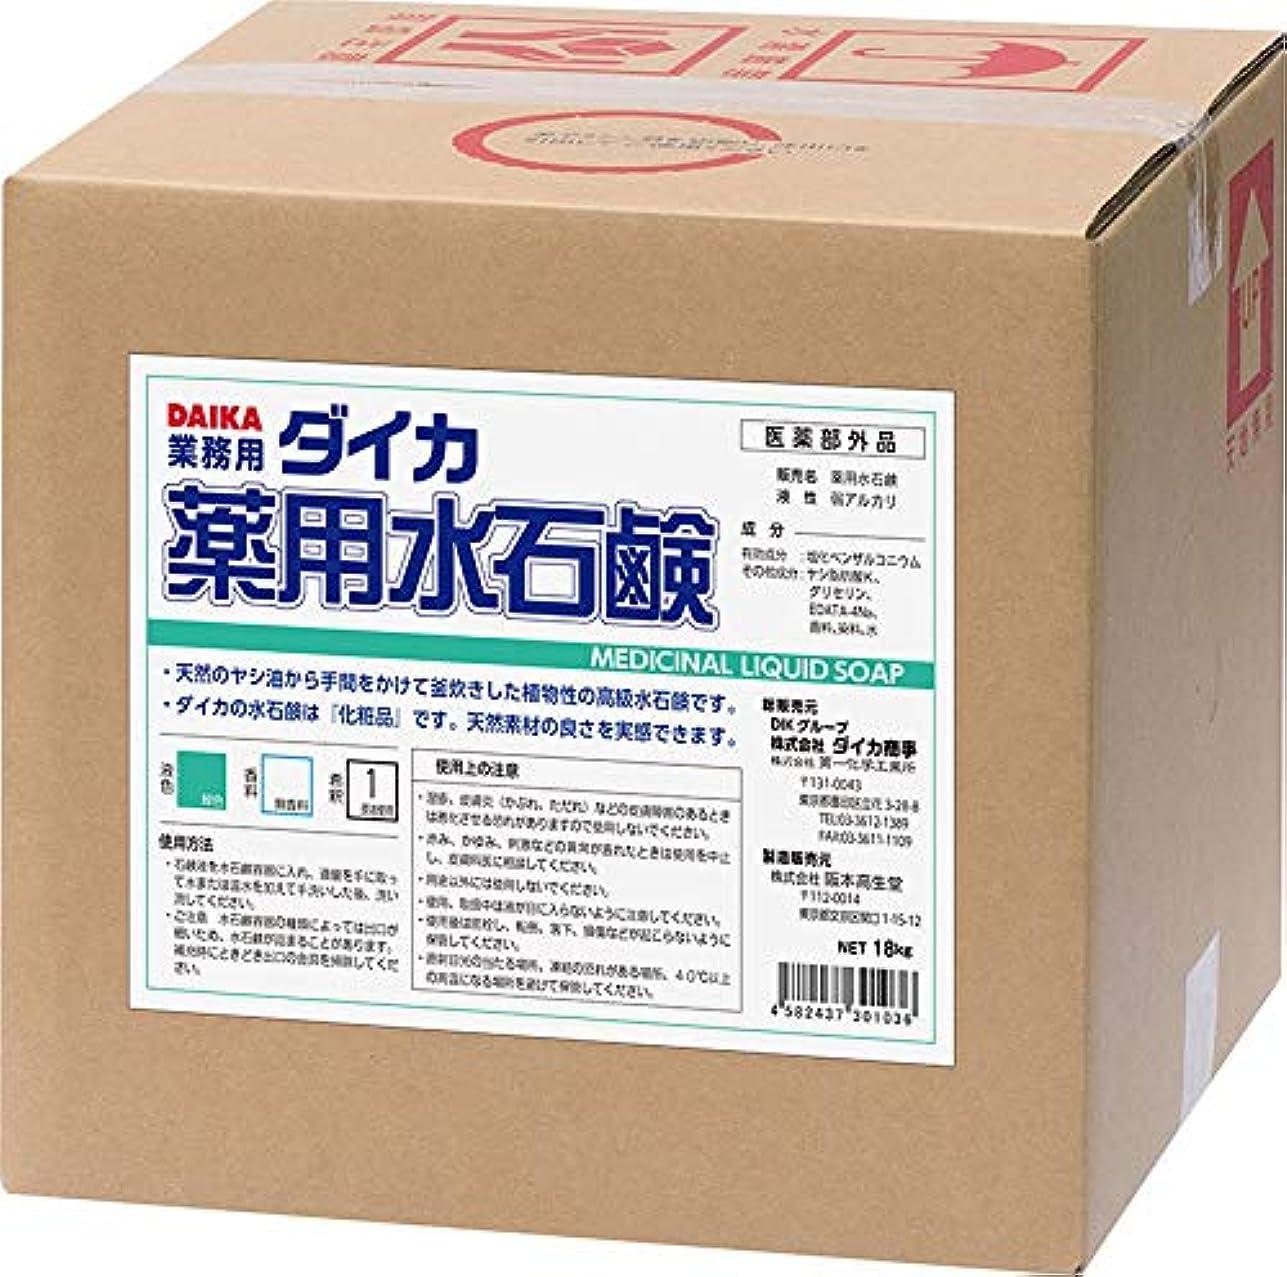 無傷熟練したあざ【医薬部外品】業務用 ハンドソープ ダイカ 薬用 水石鹸 MGN 18kg